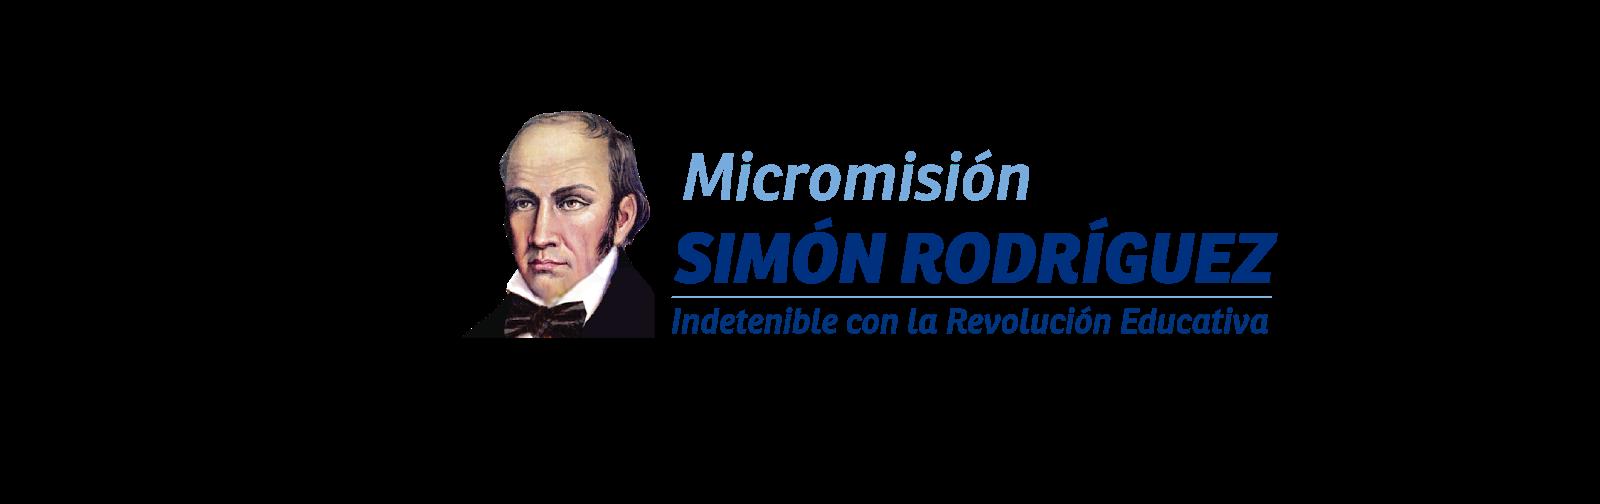 LINK PARA EL REGISTRO  DE ASESORES(AS) Y PARTICIPANTES EN EL PROGRAMA NACIONAL DE FORMACIÓN AVANZADA DE EDUCACIÓN